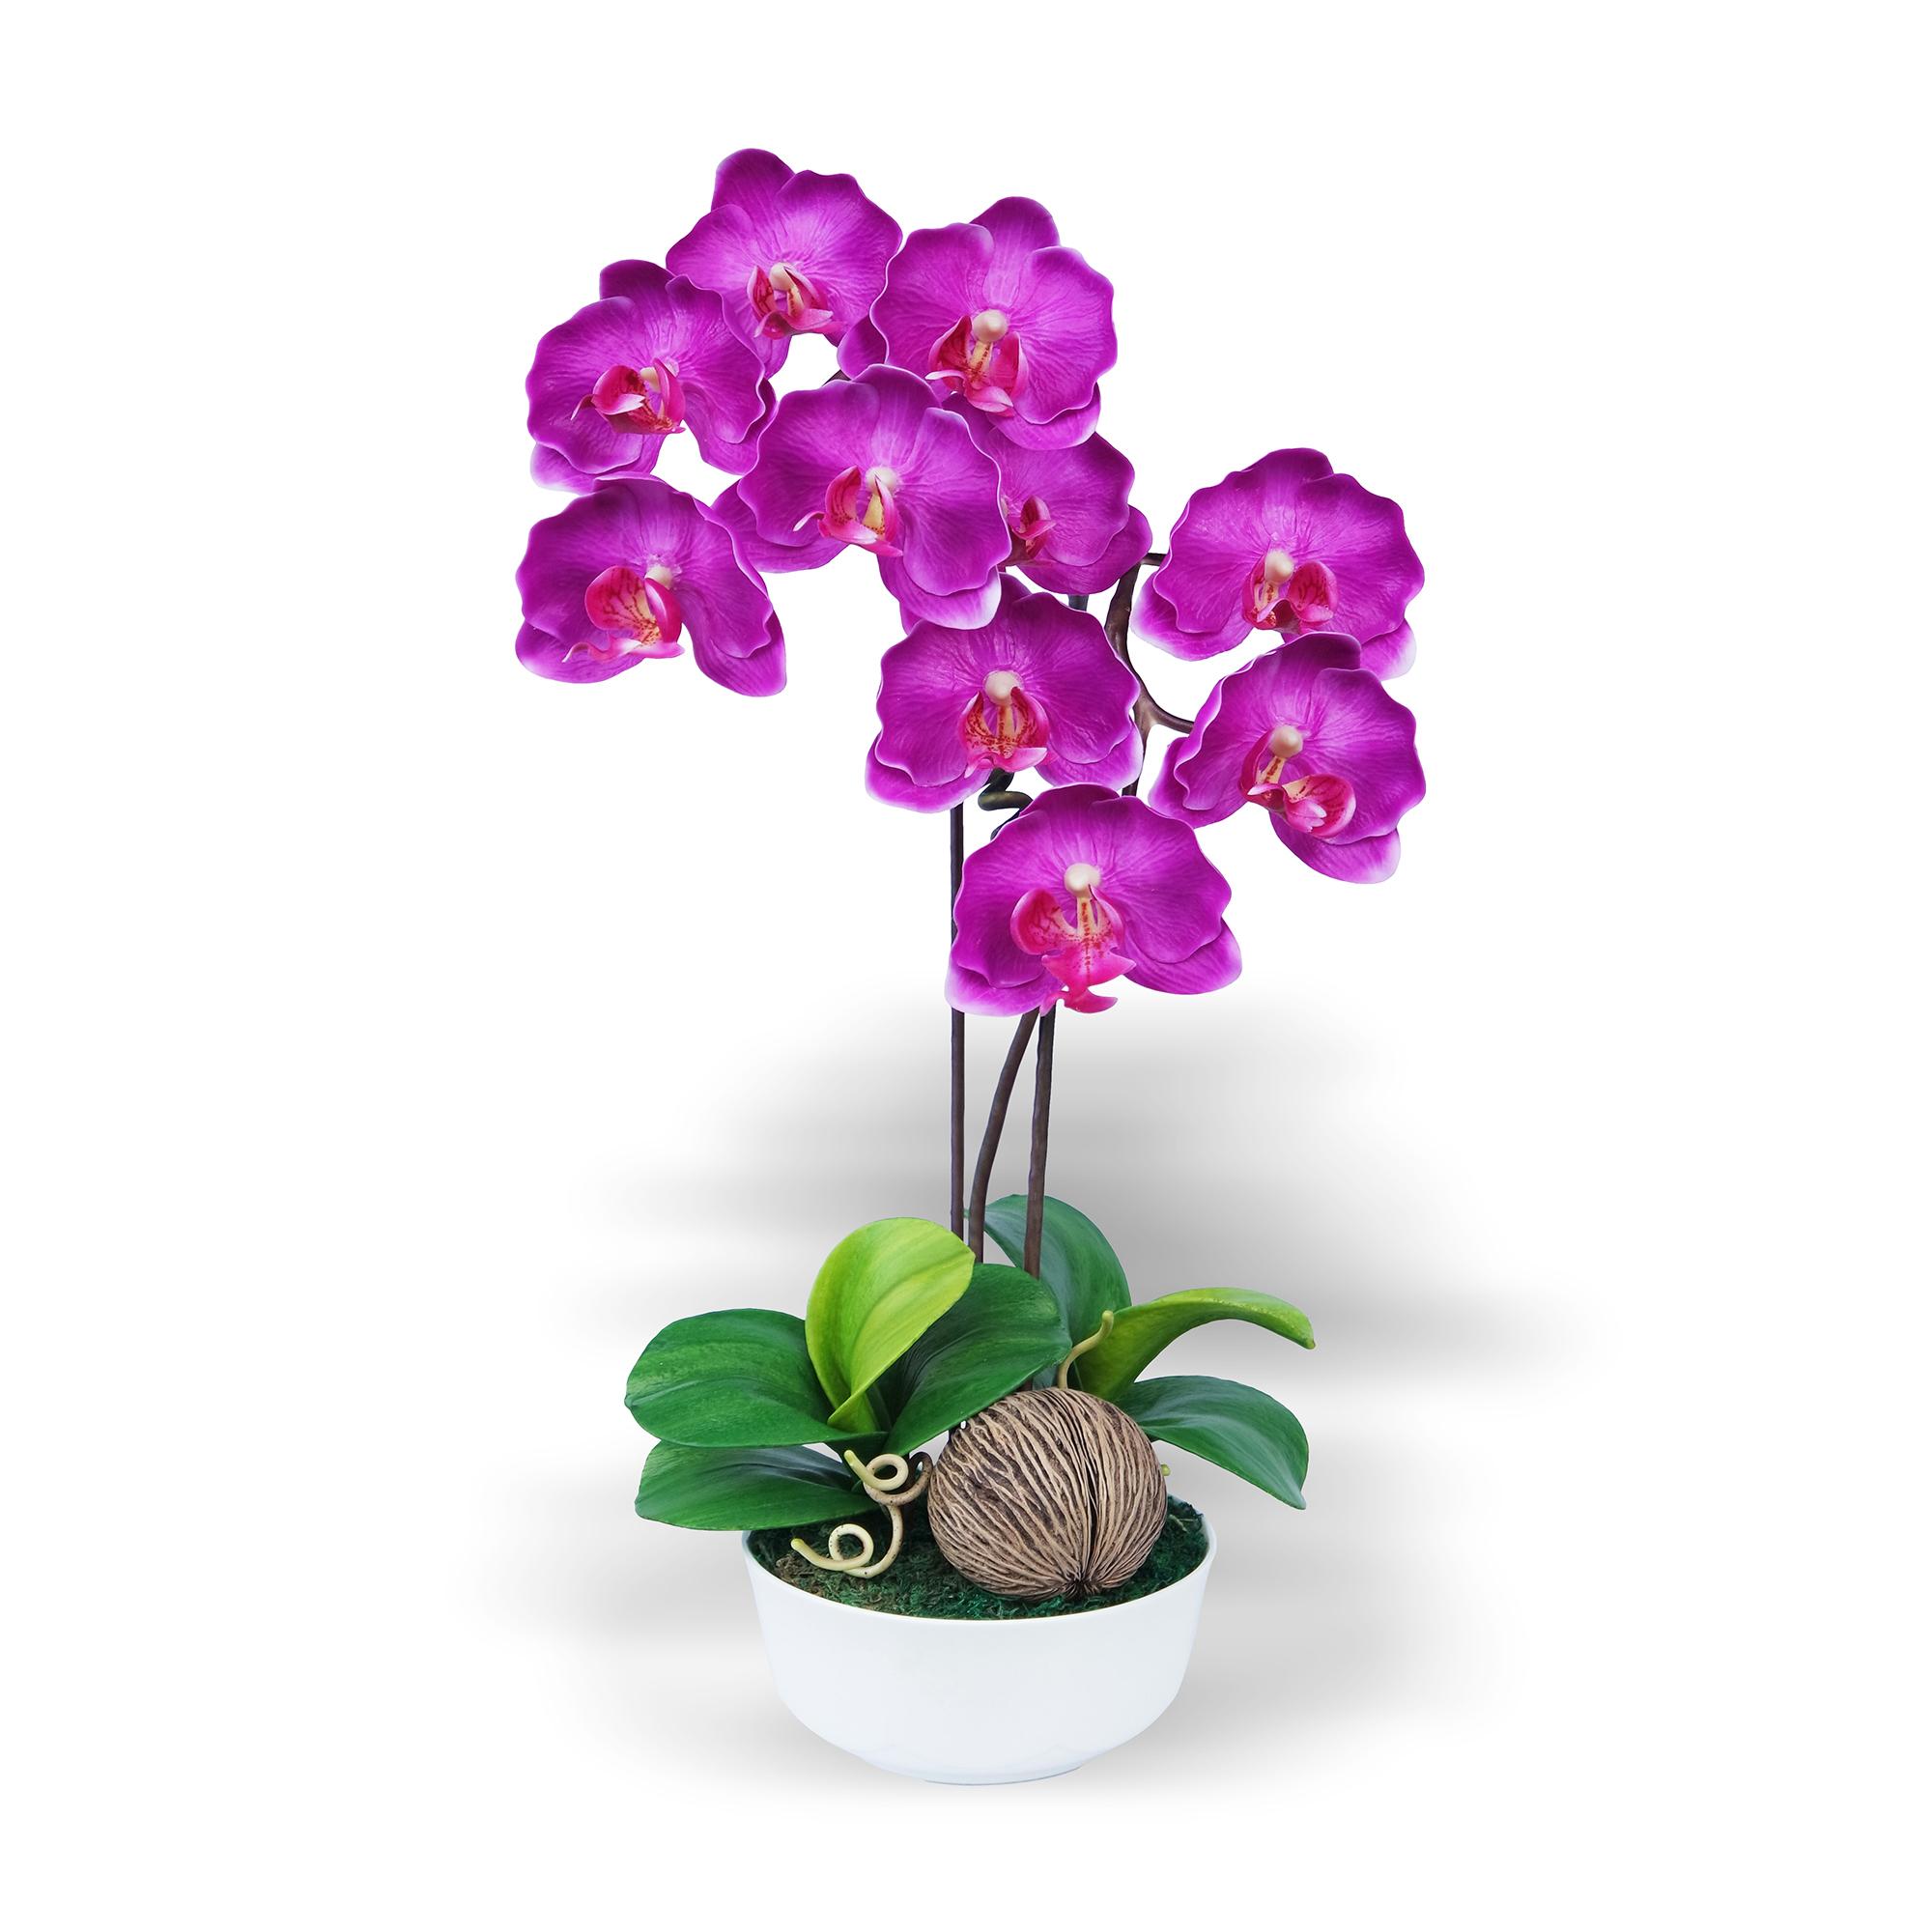 แจกันดอกไม้ประดิษฐ์ ฟาแลนนอฟซิส Phalaenopsis สีออร์คิท ในแจกันเซรามิค จากโรงงานผู้ผลิตโดยตรง